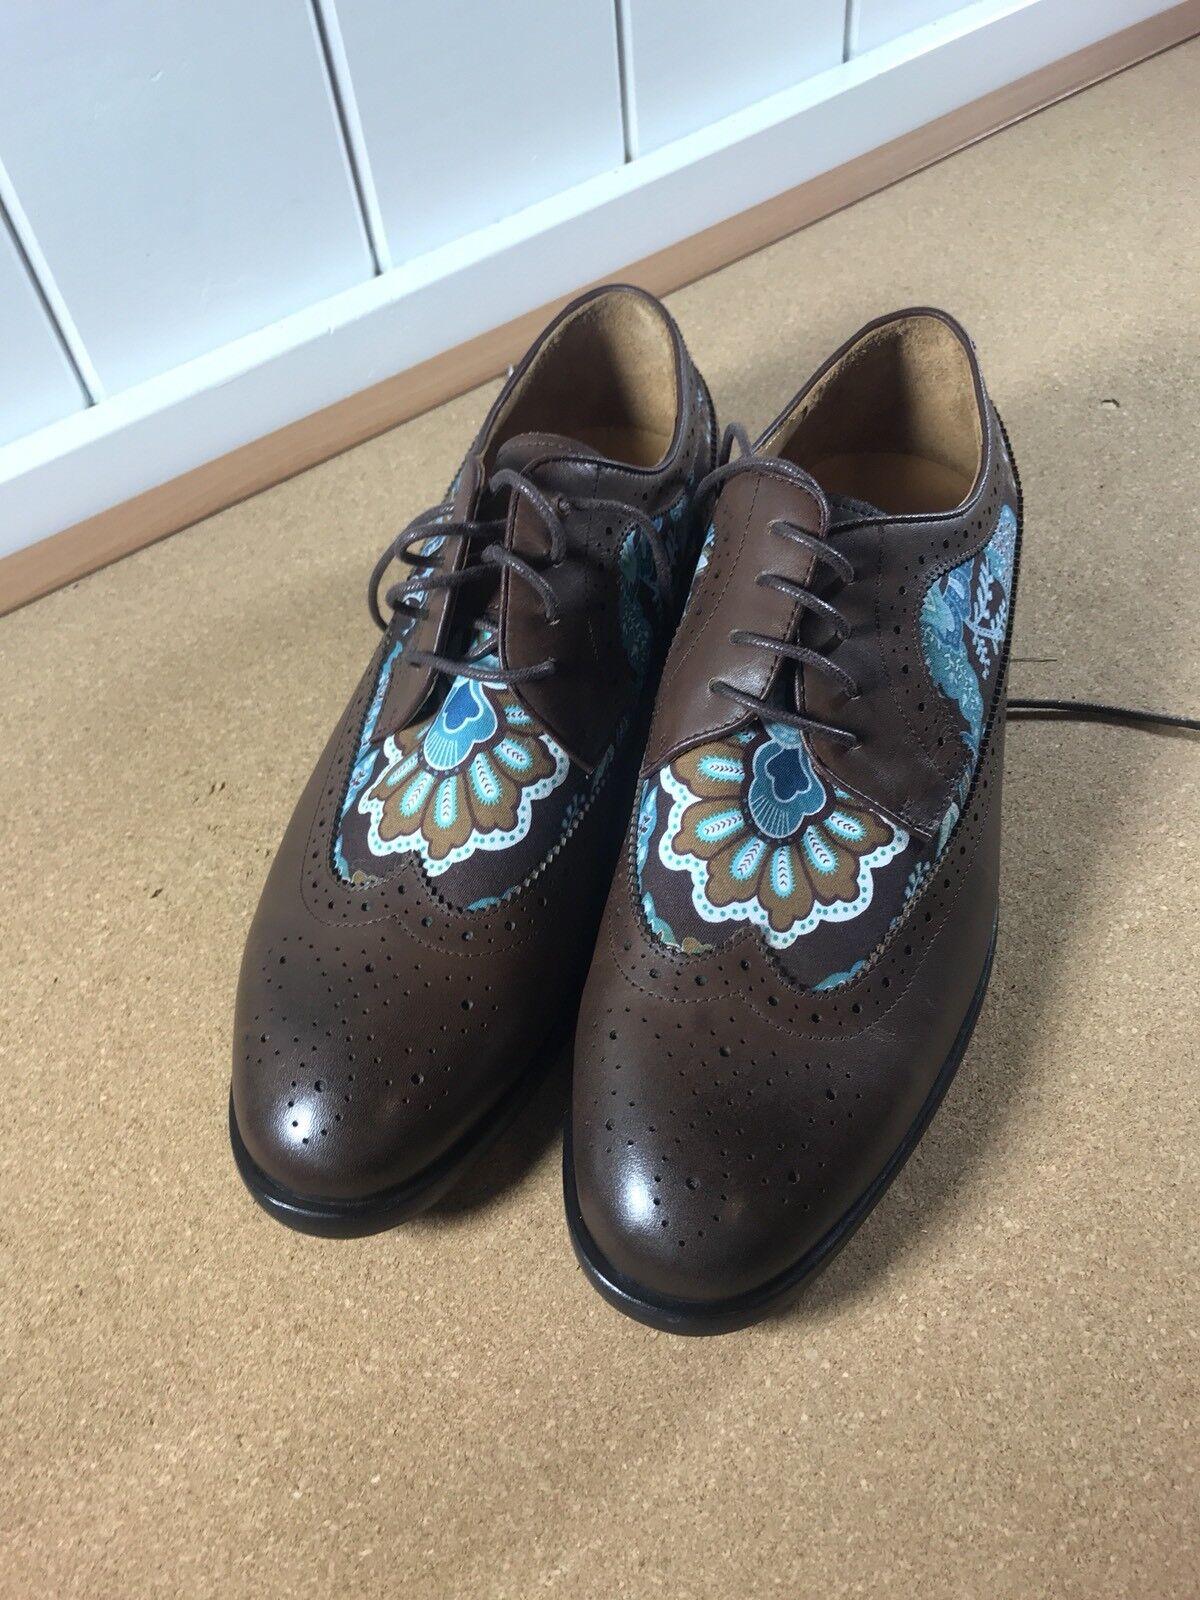 Grand Frank Stocholm Shoes Oxford Leather/Fabric Size 44 10.5 10 1/2 Scarpe classiche da uomo